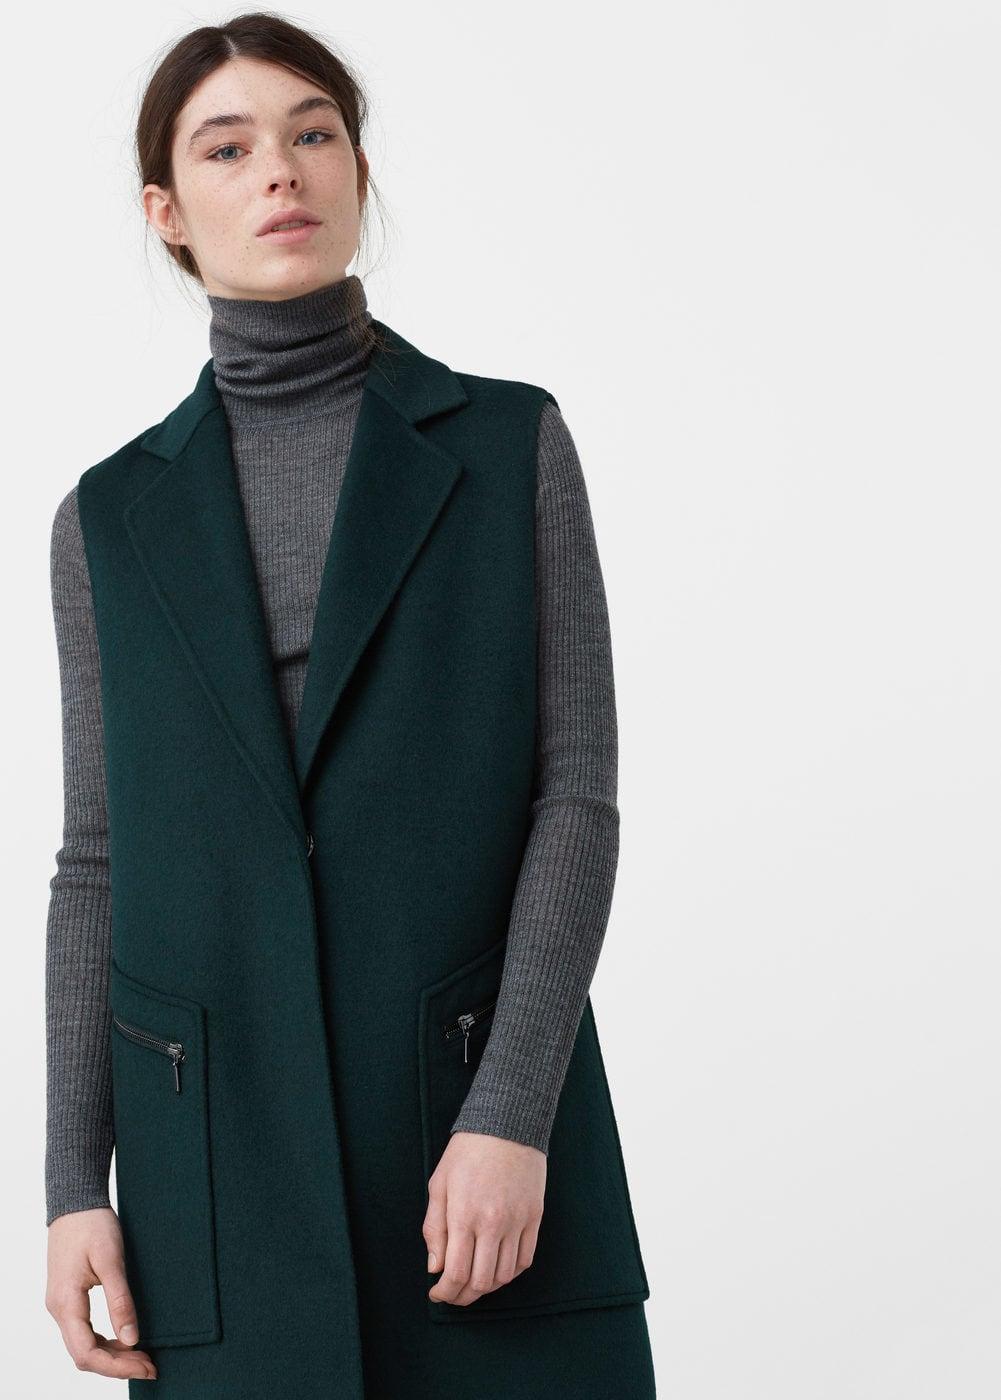 10 prendas del BLACK FRIDAY 2017 que amarás comprar - chaleco handmade